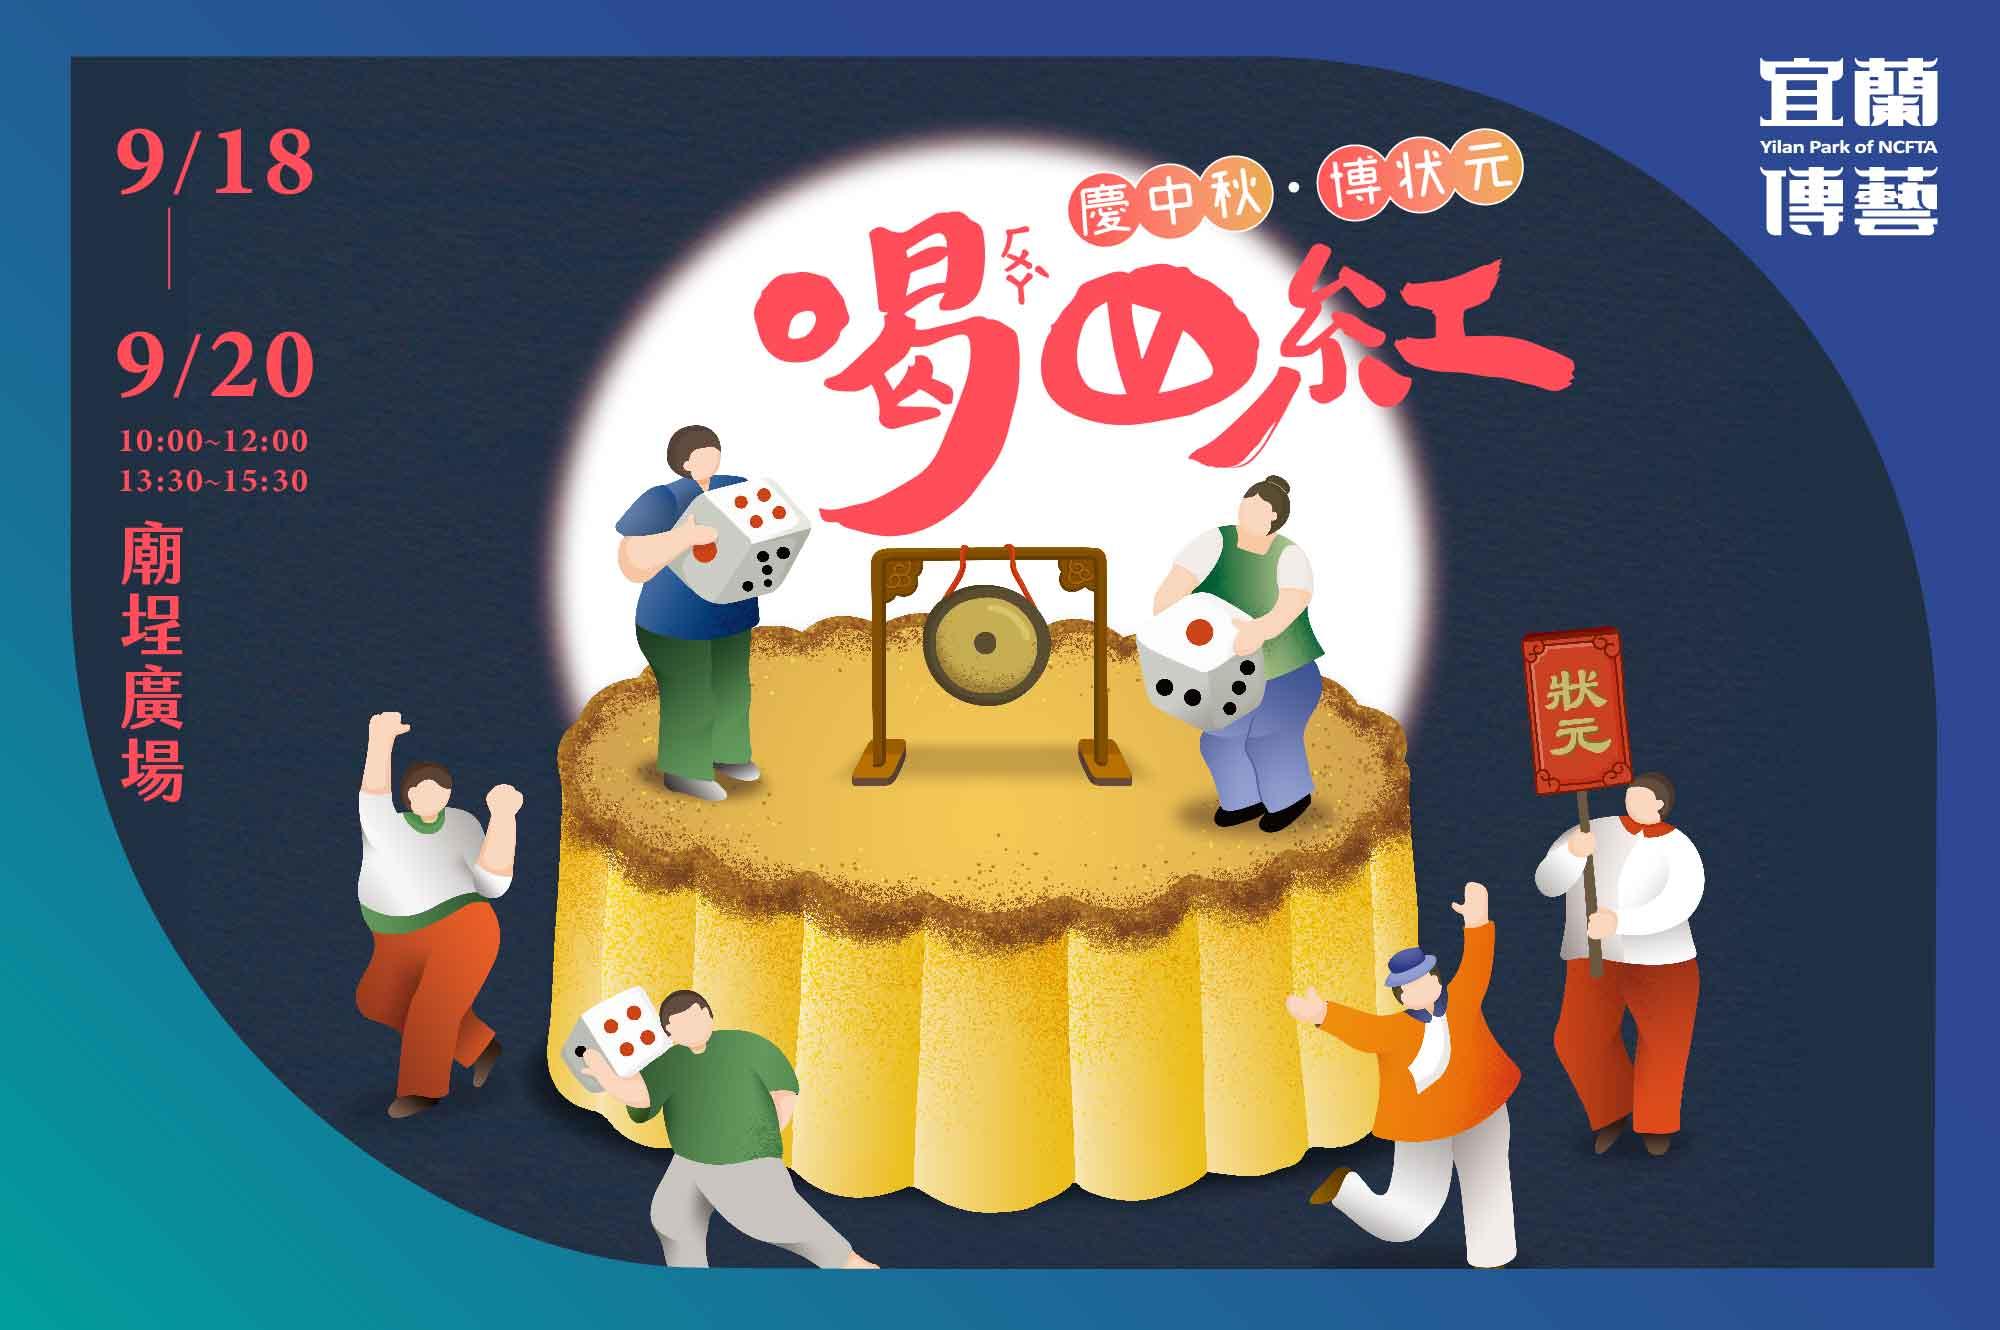 宜蘭傳藝園區:9/18-9/20【慶中秋.博狀元.喝四紅】中秋博狀元餅活動